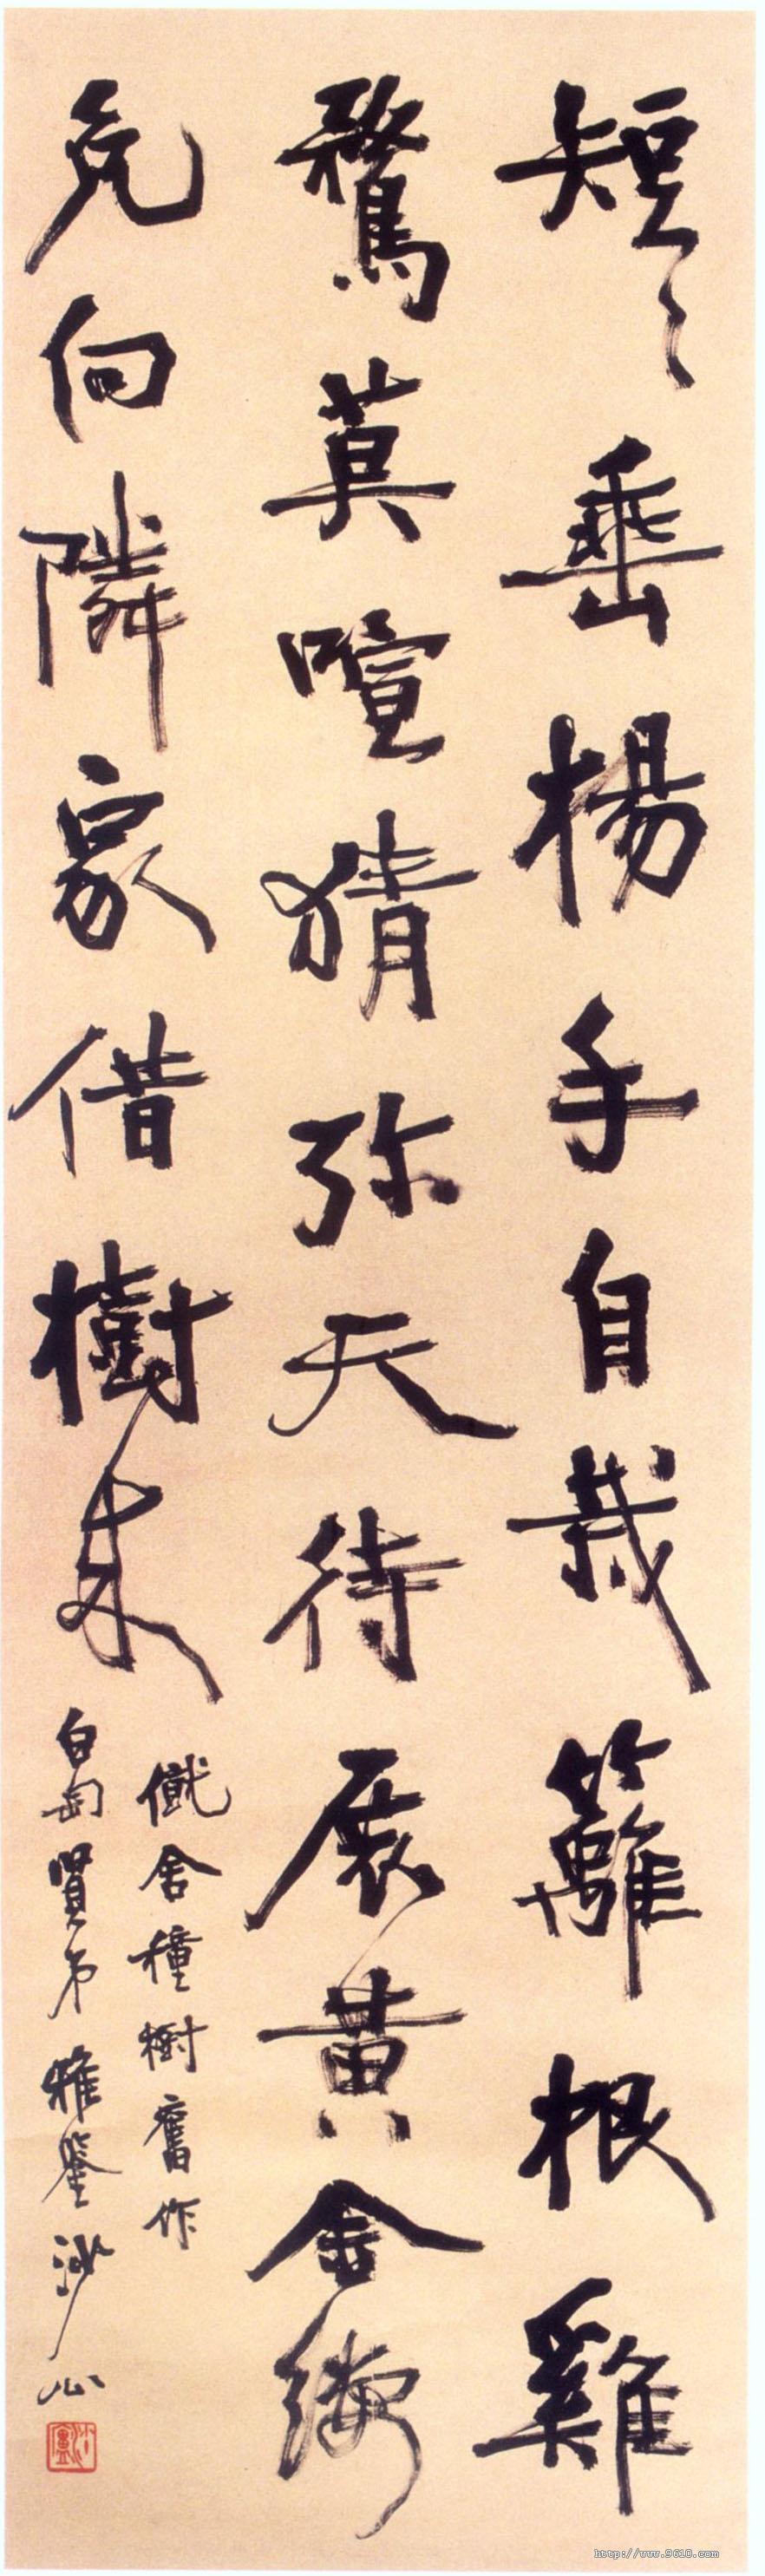 近代学院派书法家胡小石的碑体值得收藏